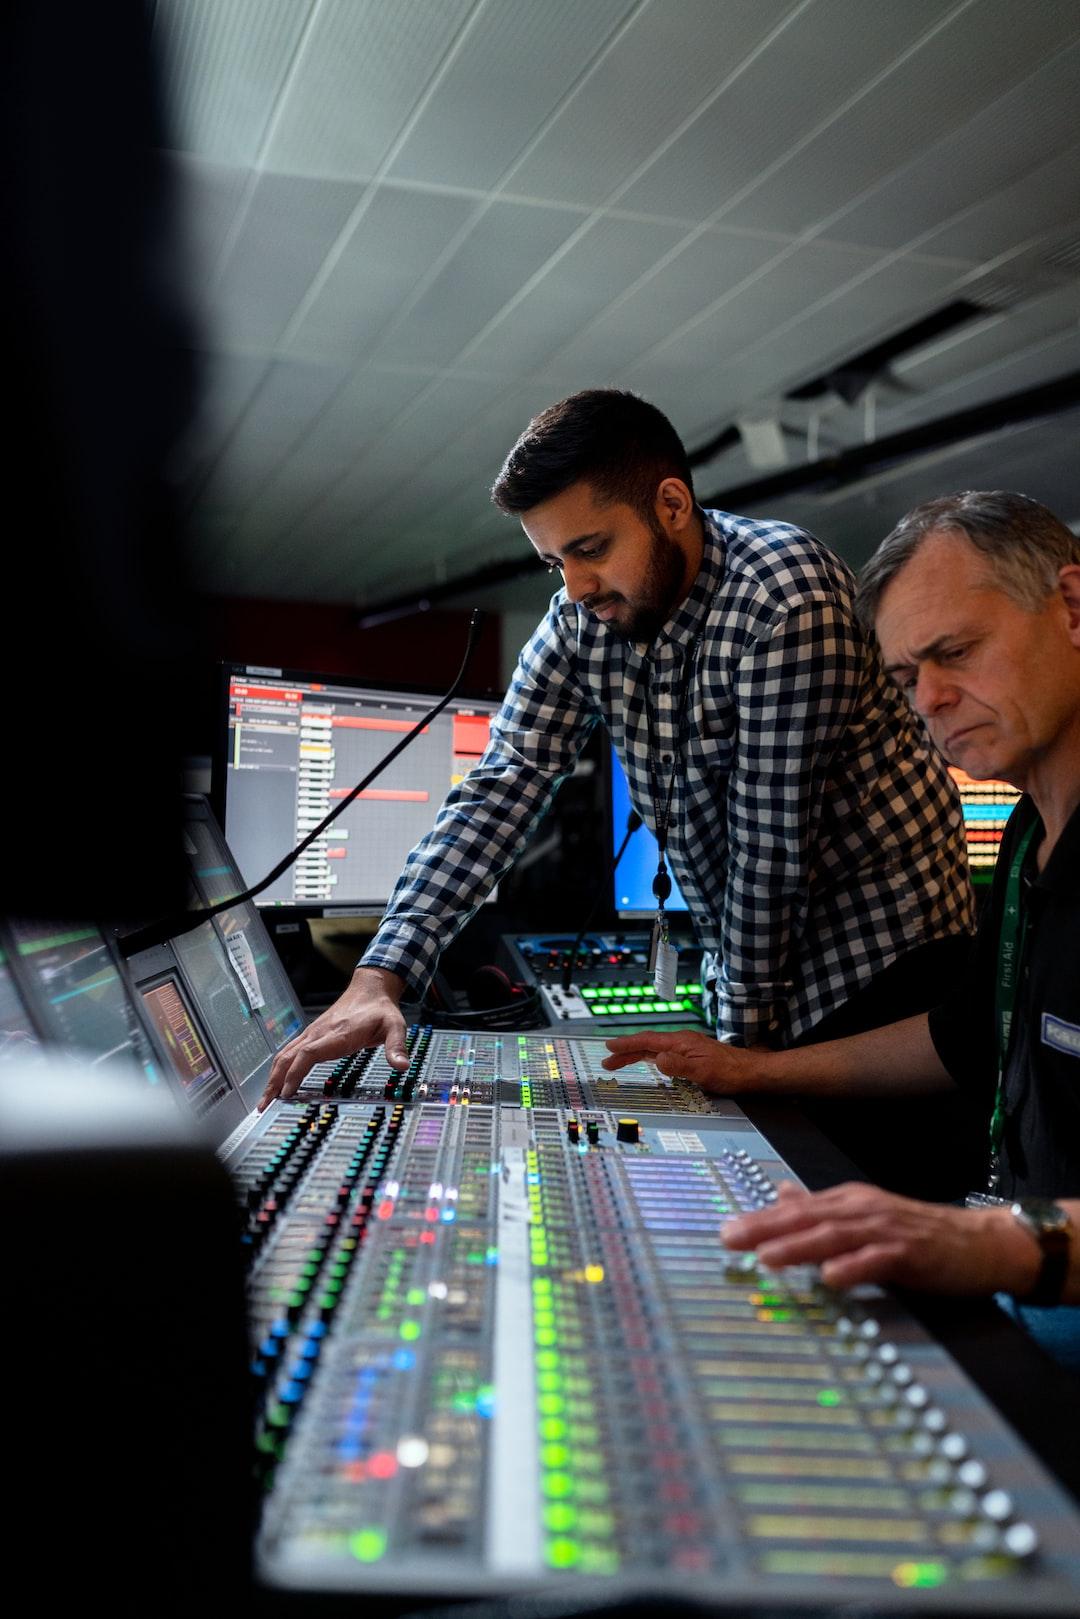 Broadcast engineers work in studio